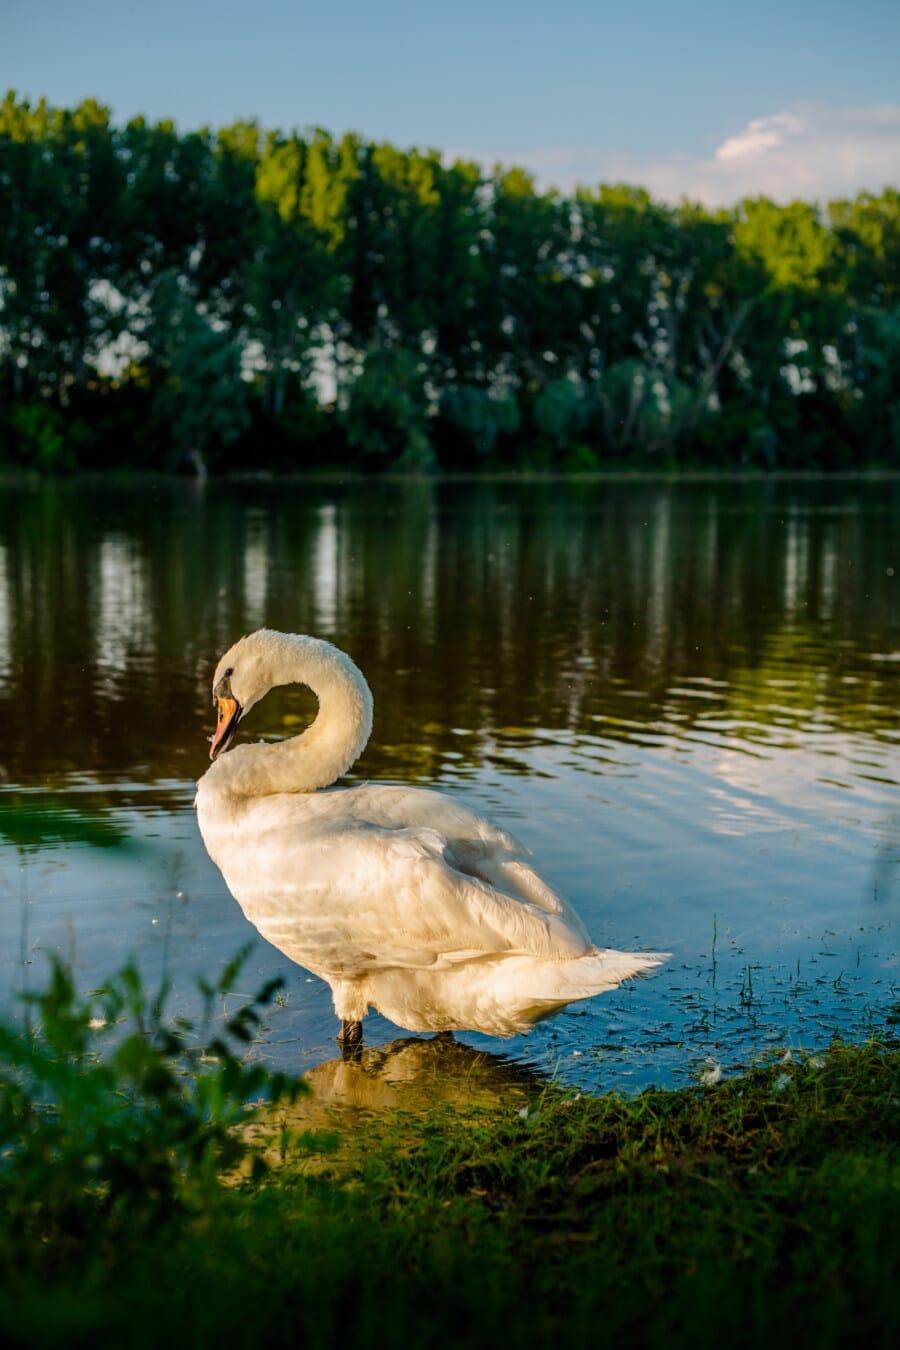 Schwan, majestätisch, Anmut, spektakuläre, Vogel, Tier, See, Wasservögel, aquatische Vogel, Tierwelt